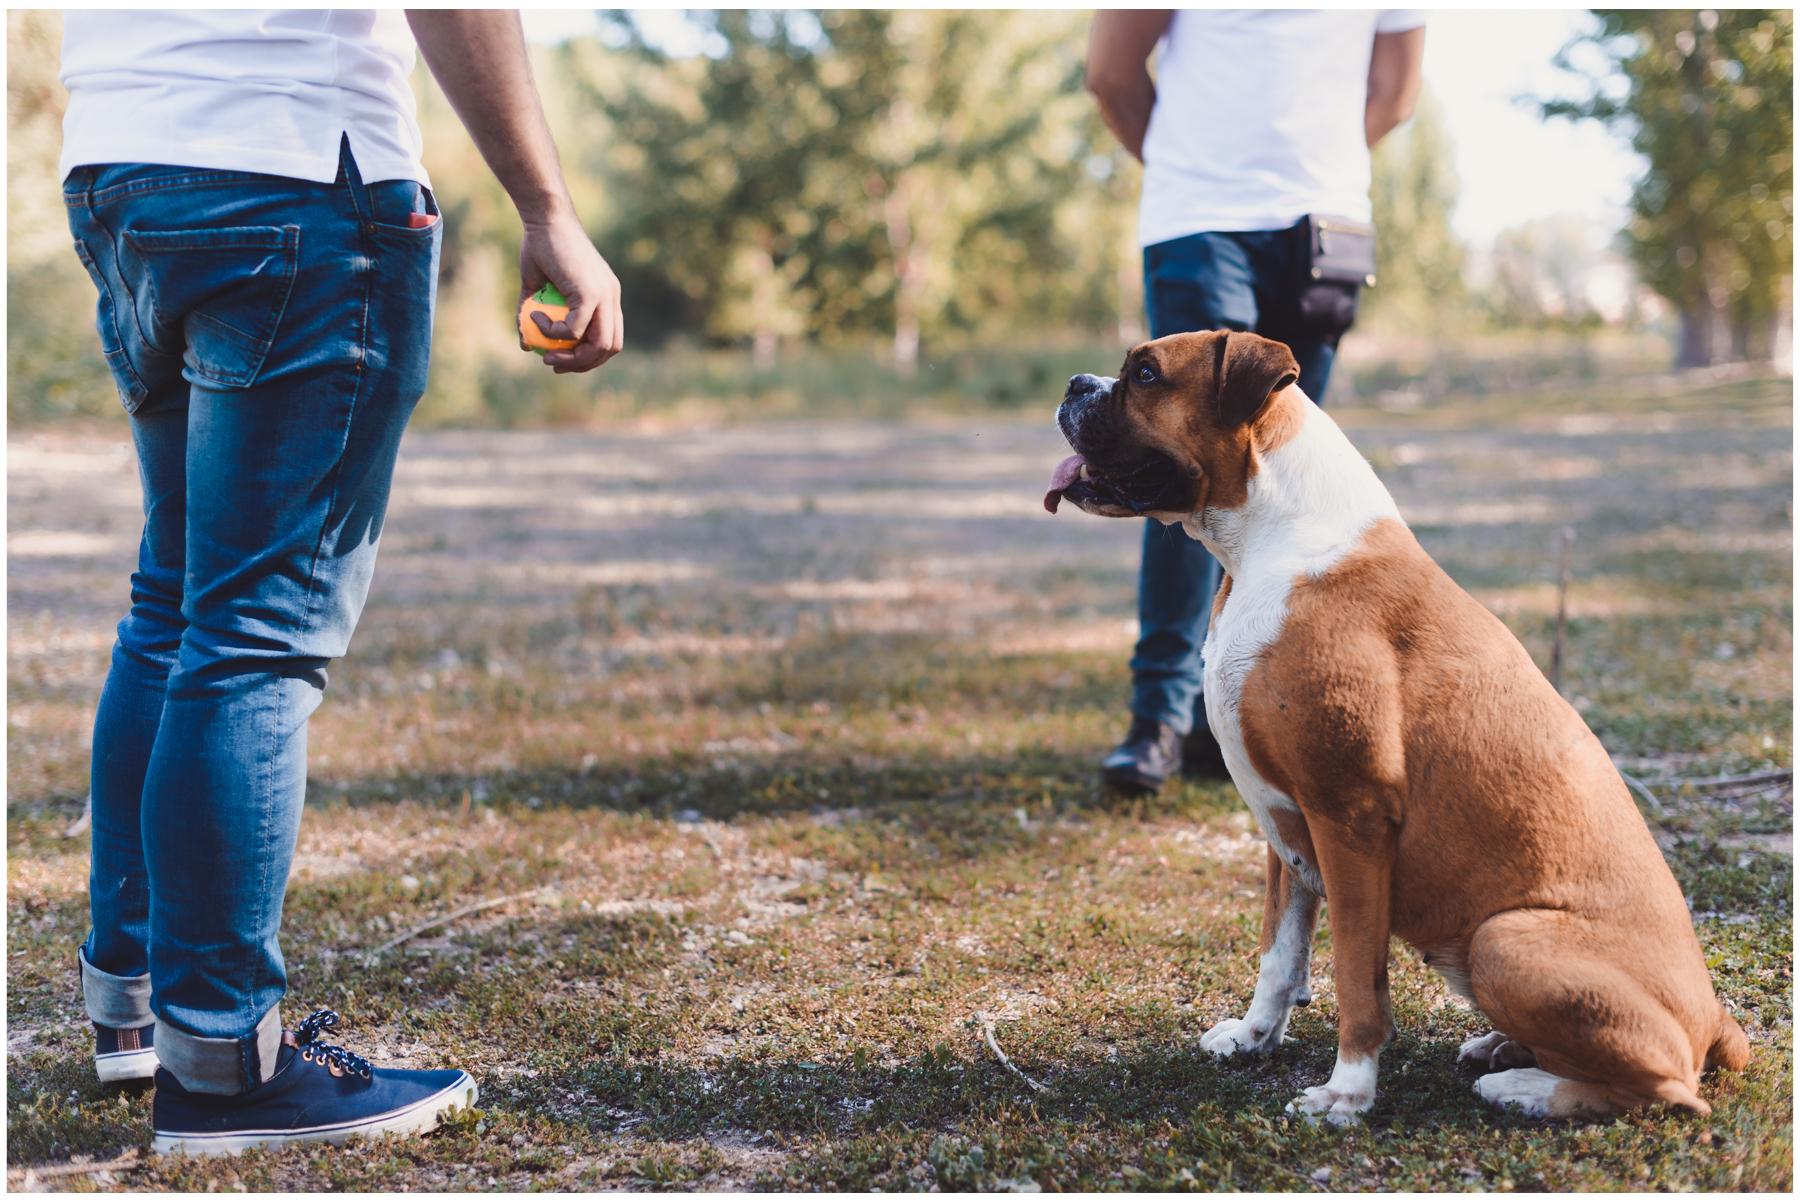 Nala-Retrato-Mascotas-Perros_Jose-Angel-Fotografia-231.jpg